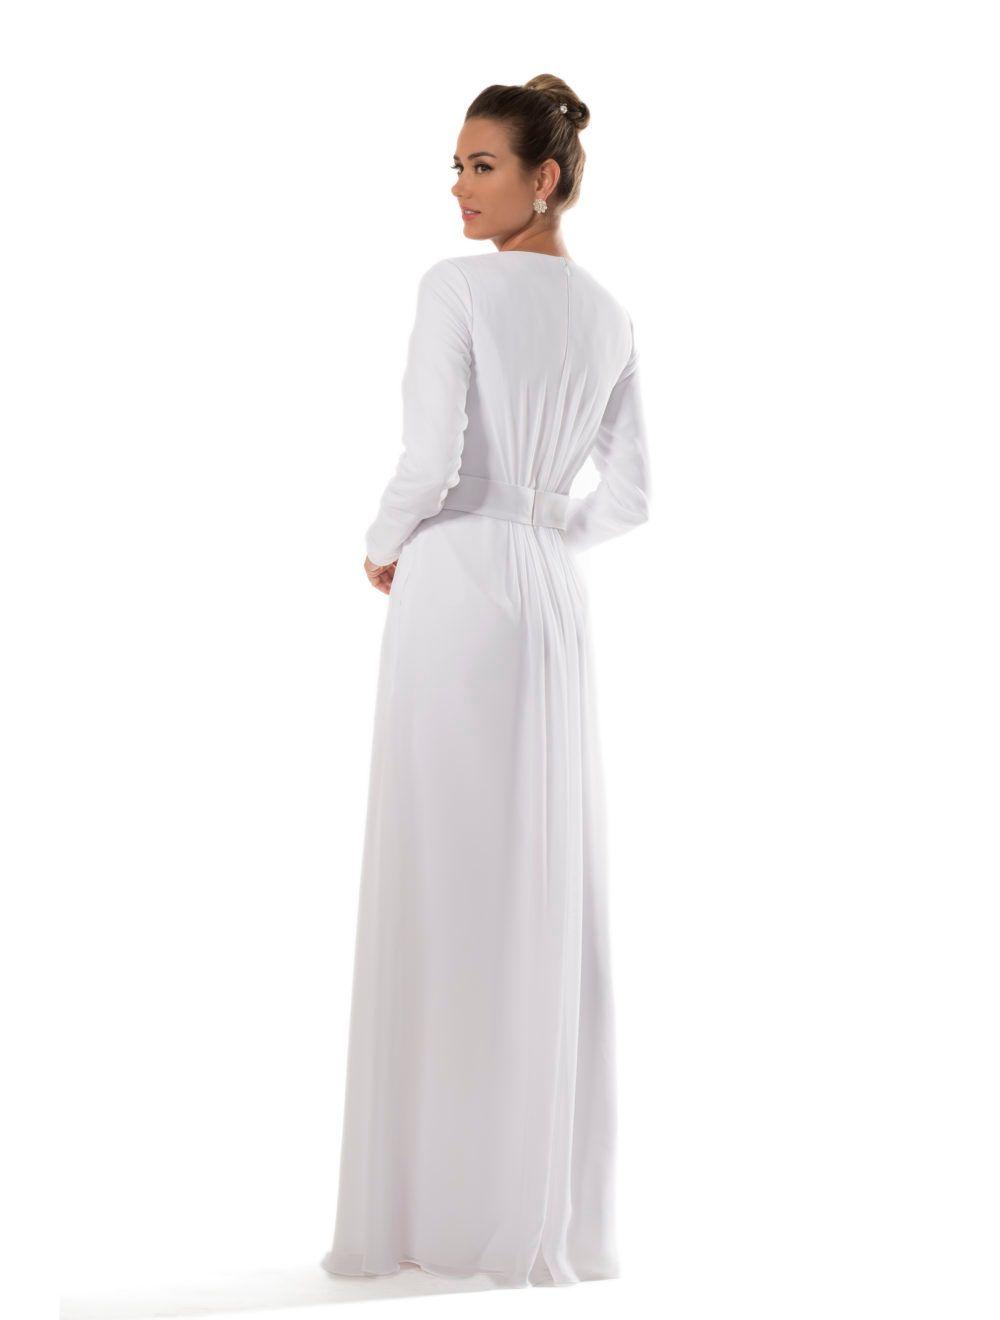 화이트 쉬폰 사원 겸손한 들러리 드레스 긴 소매 신부 비공식 리셉션 드레스 라인 바닥 길이 새로운 사용자 정의 만든